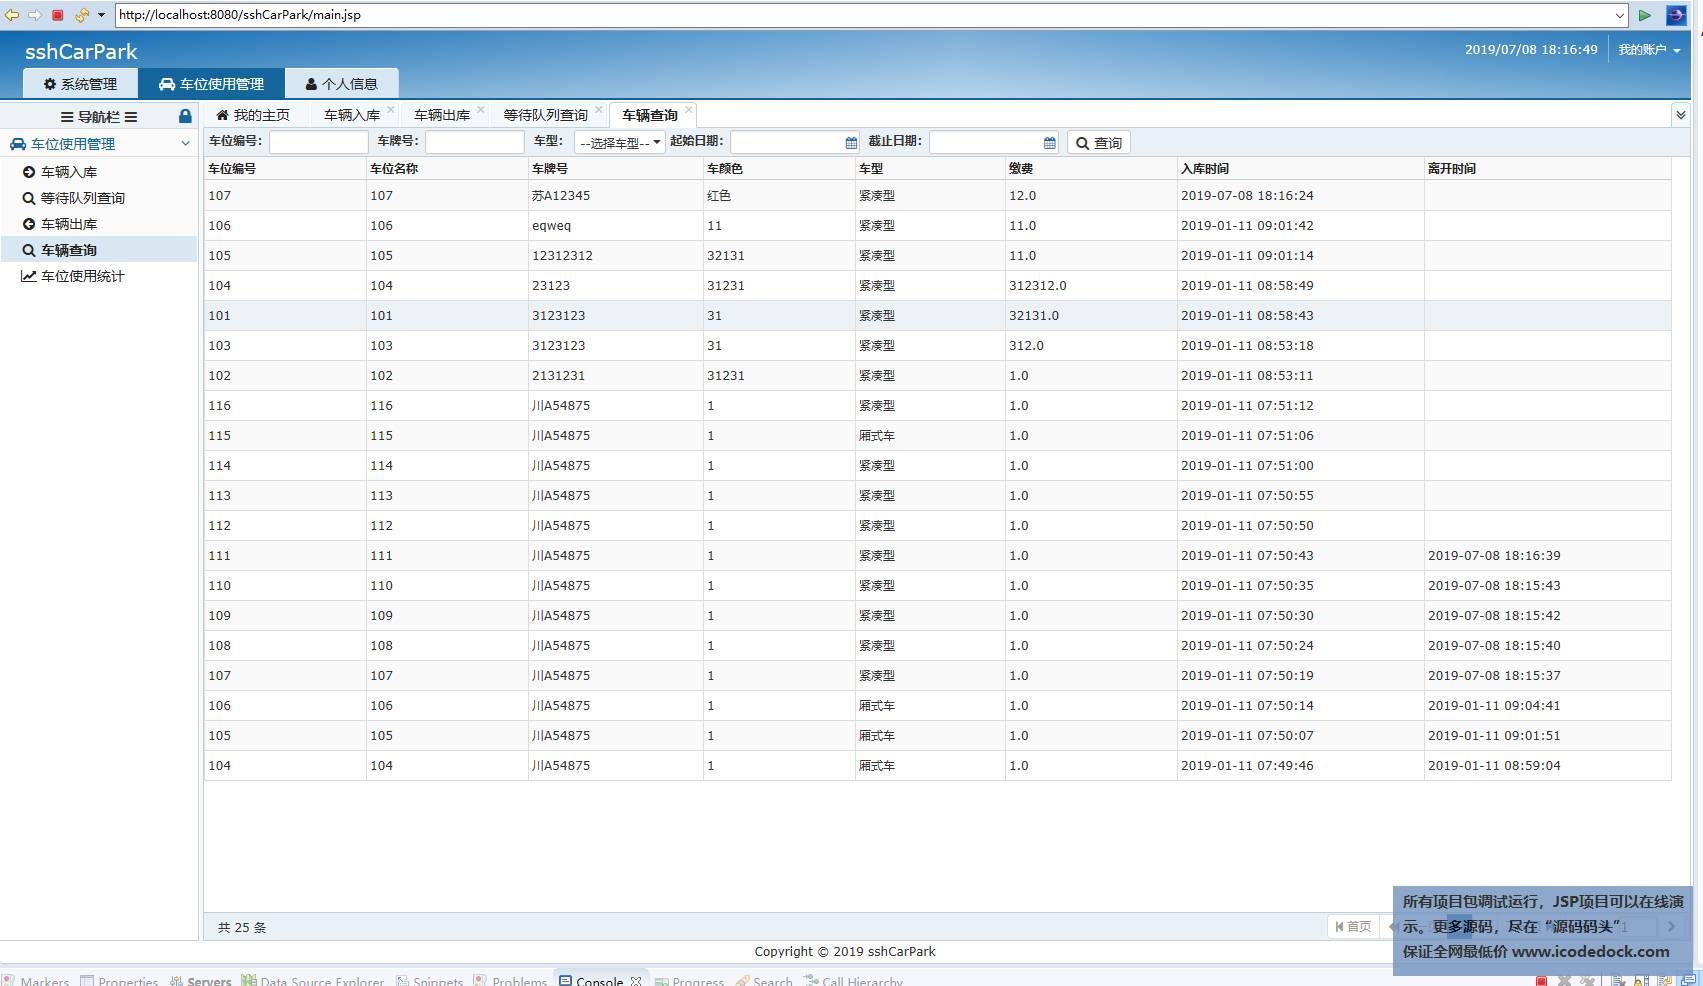 源码码头-SSH停车场管理系统-工作人员角色-车辆查询